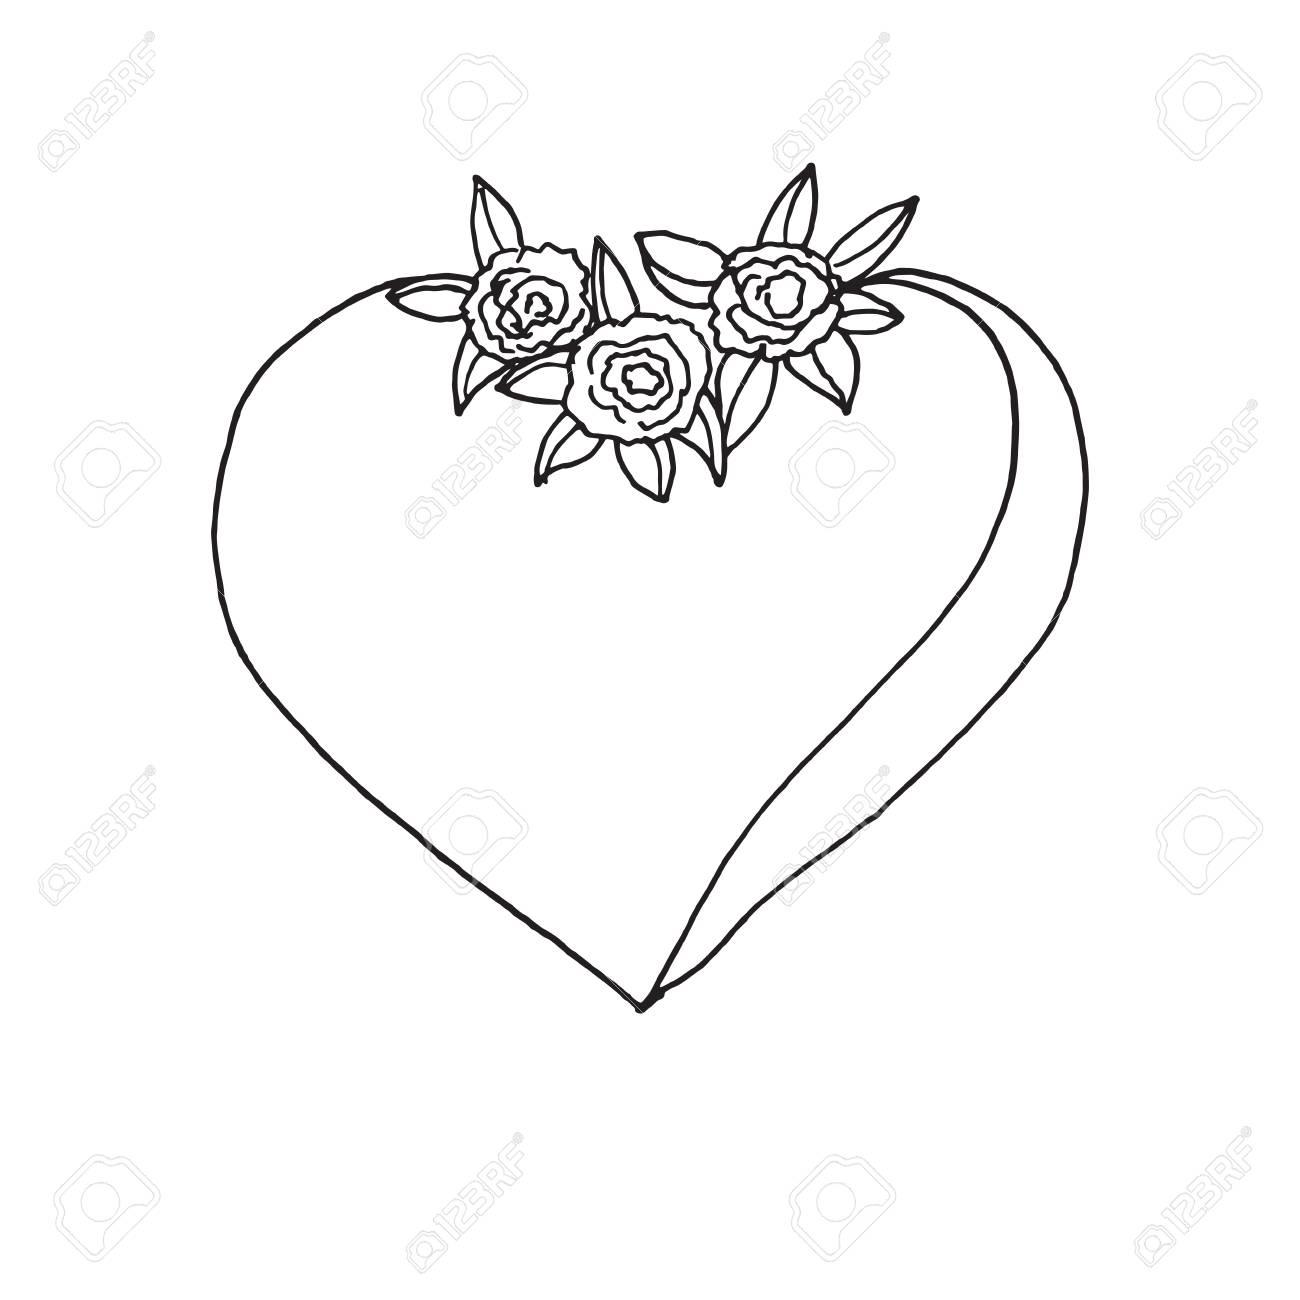 14 De Febrero Feliz Tarjeta Del Día De San Valentín Ilustraciones